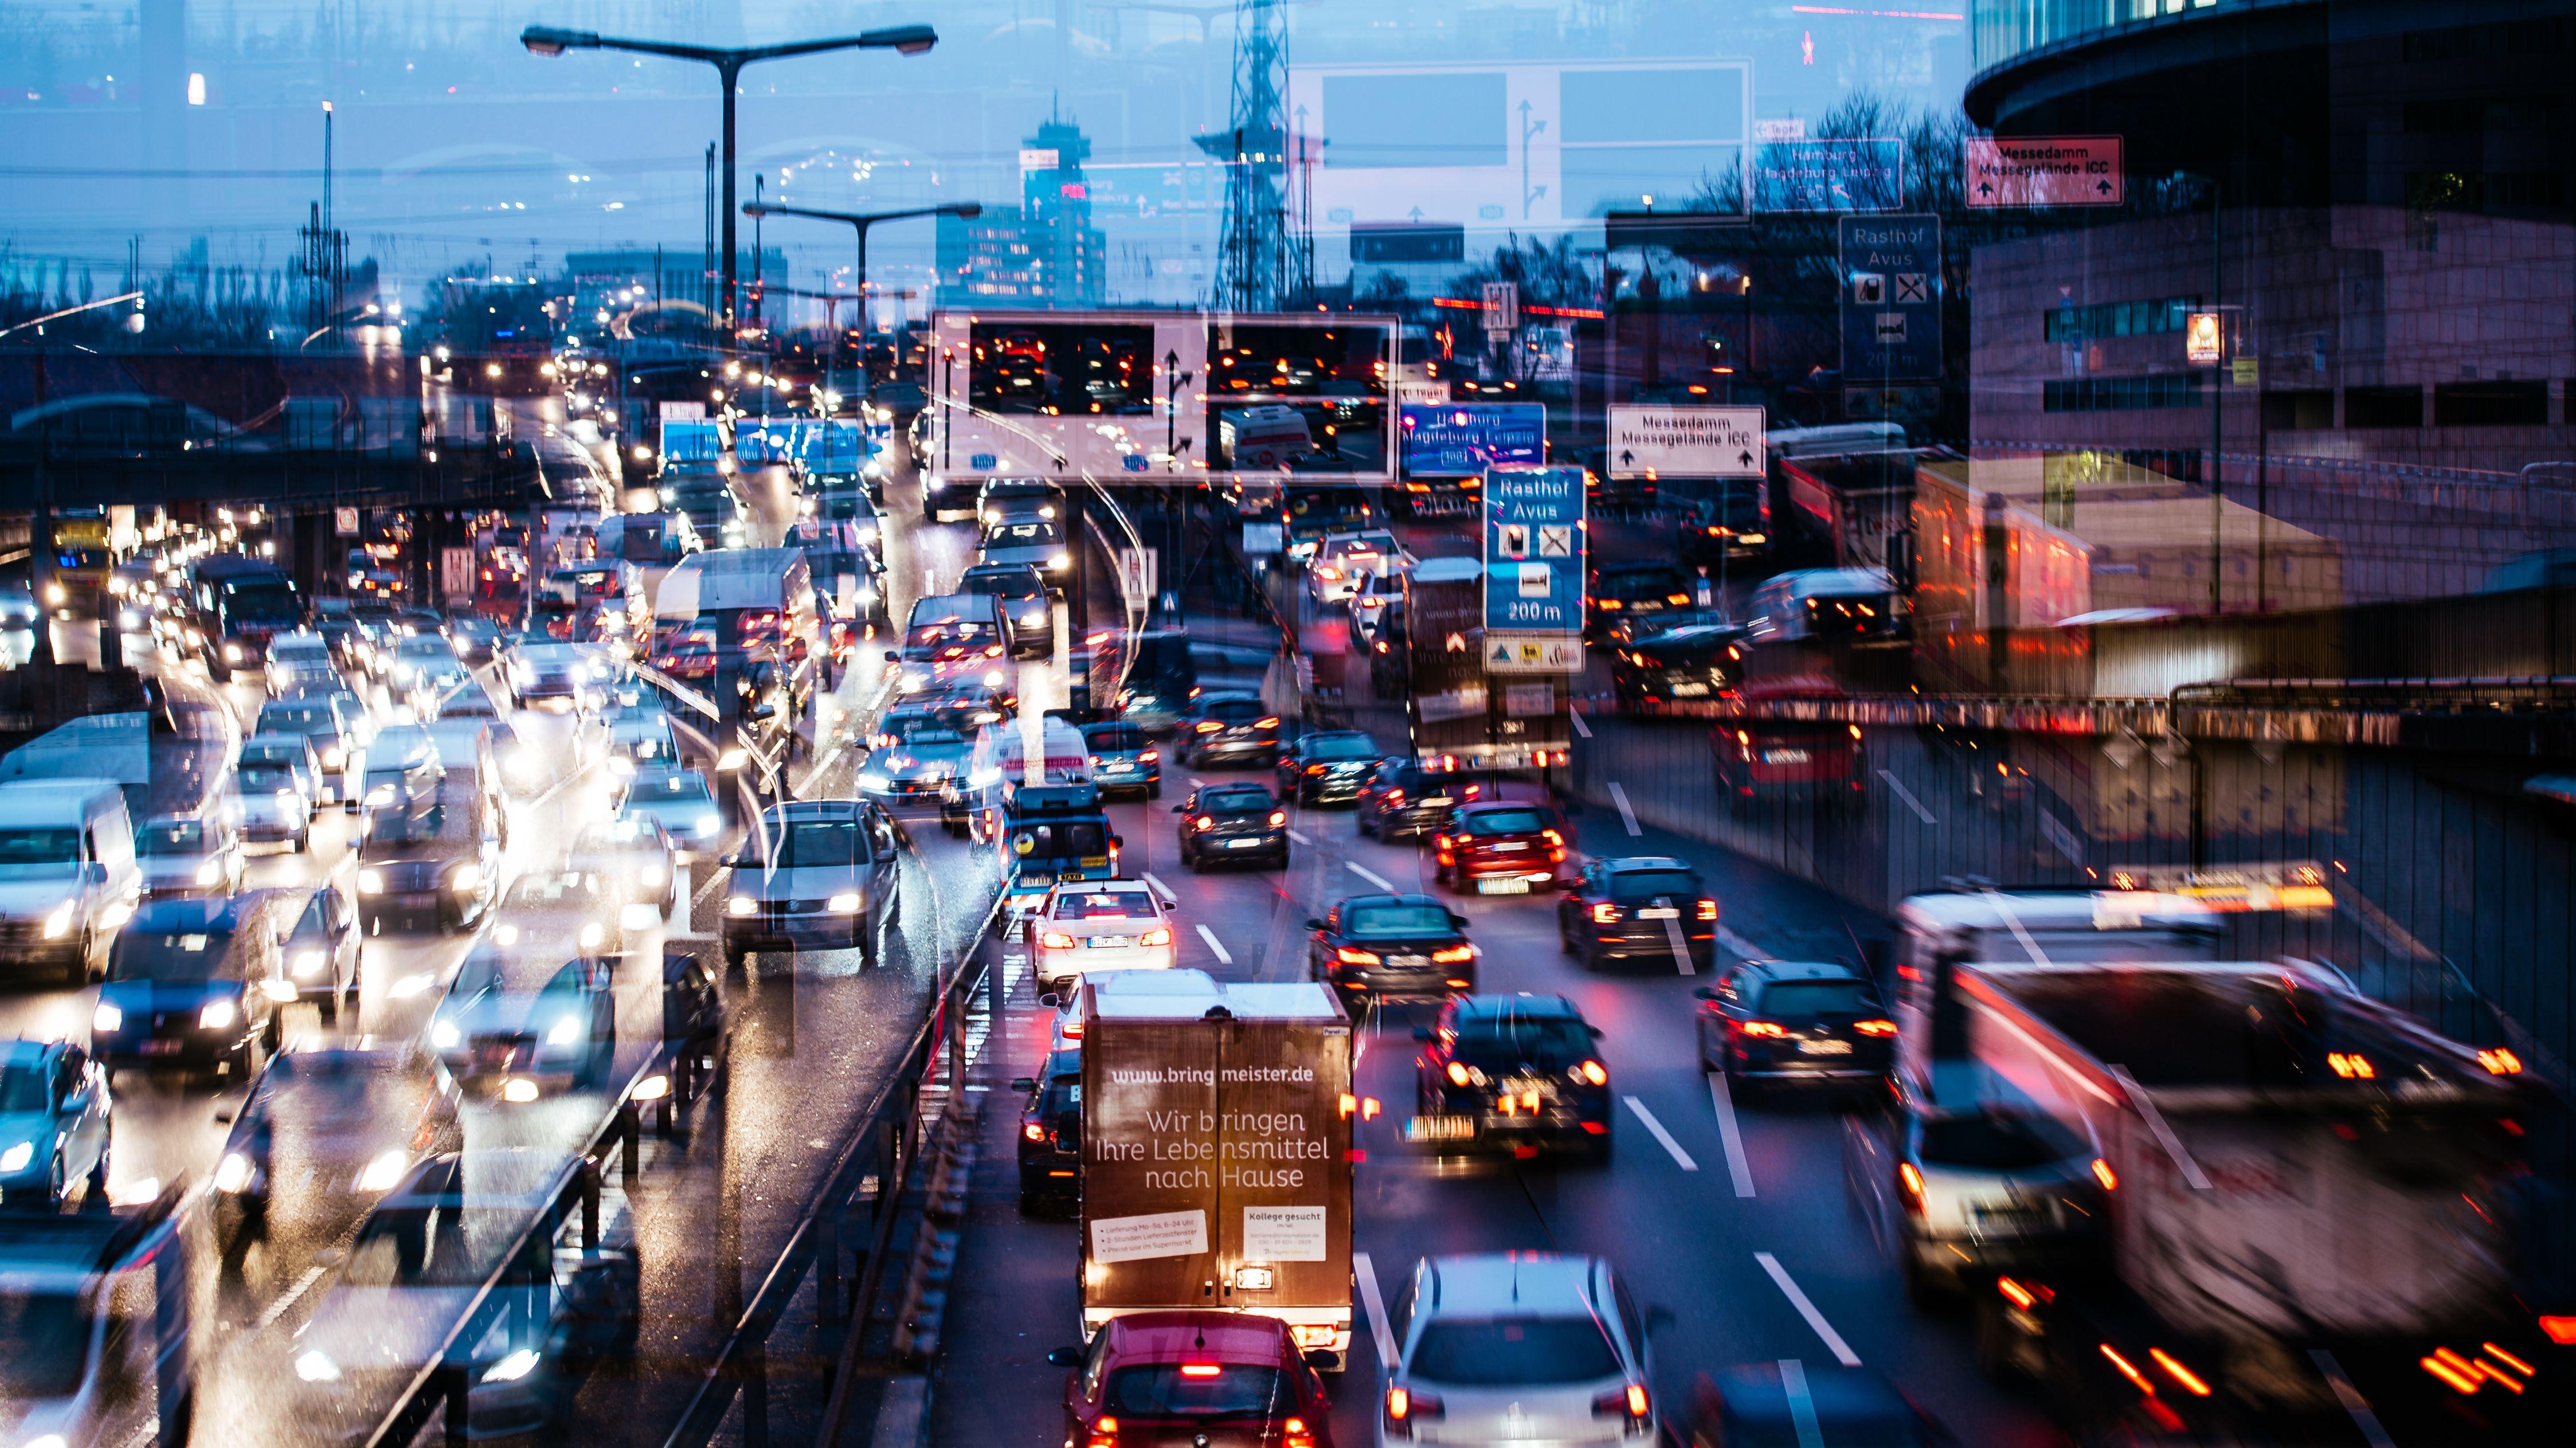 Symbolbild: Stau im Stadtverkehr während der Stoßzeiten im Berufsverkehr